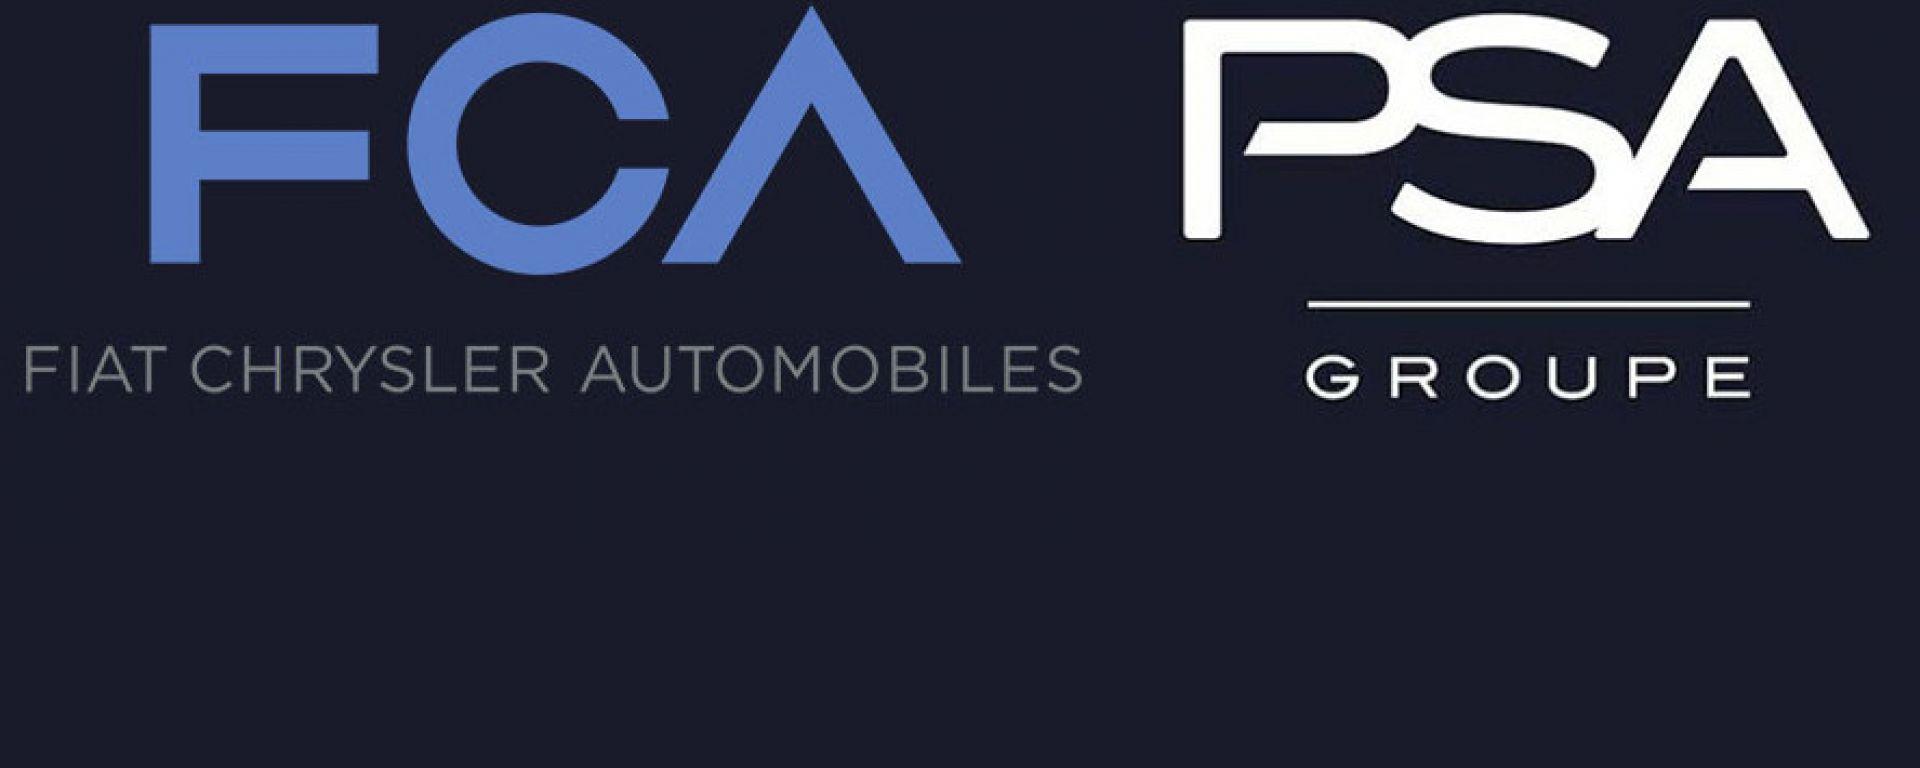 FCA e PSA, trattative in corso